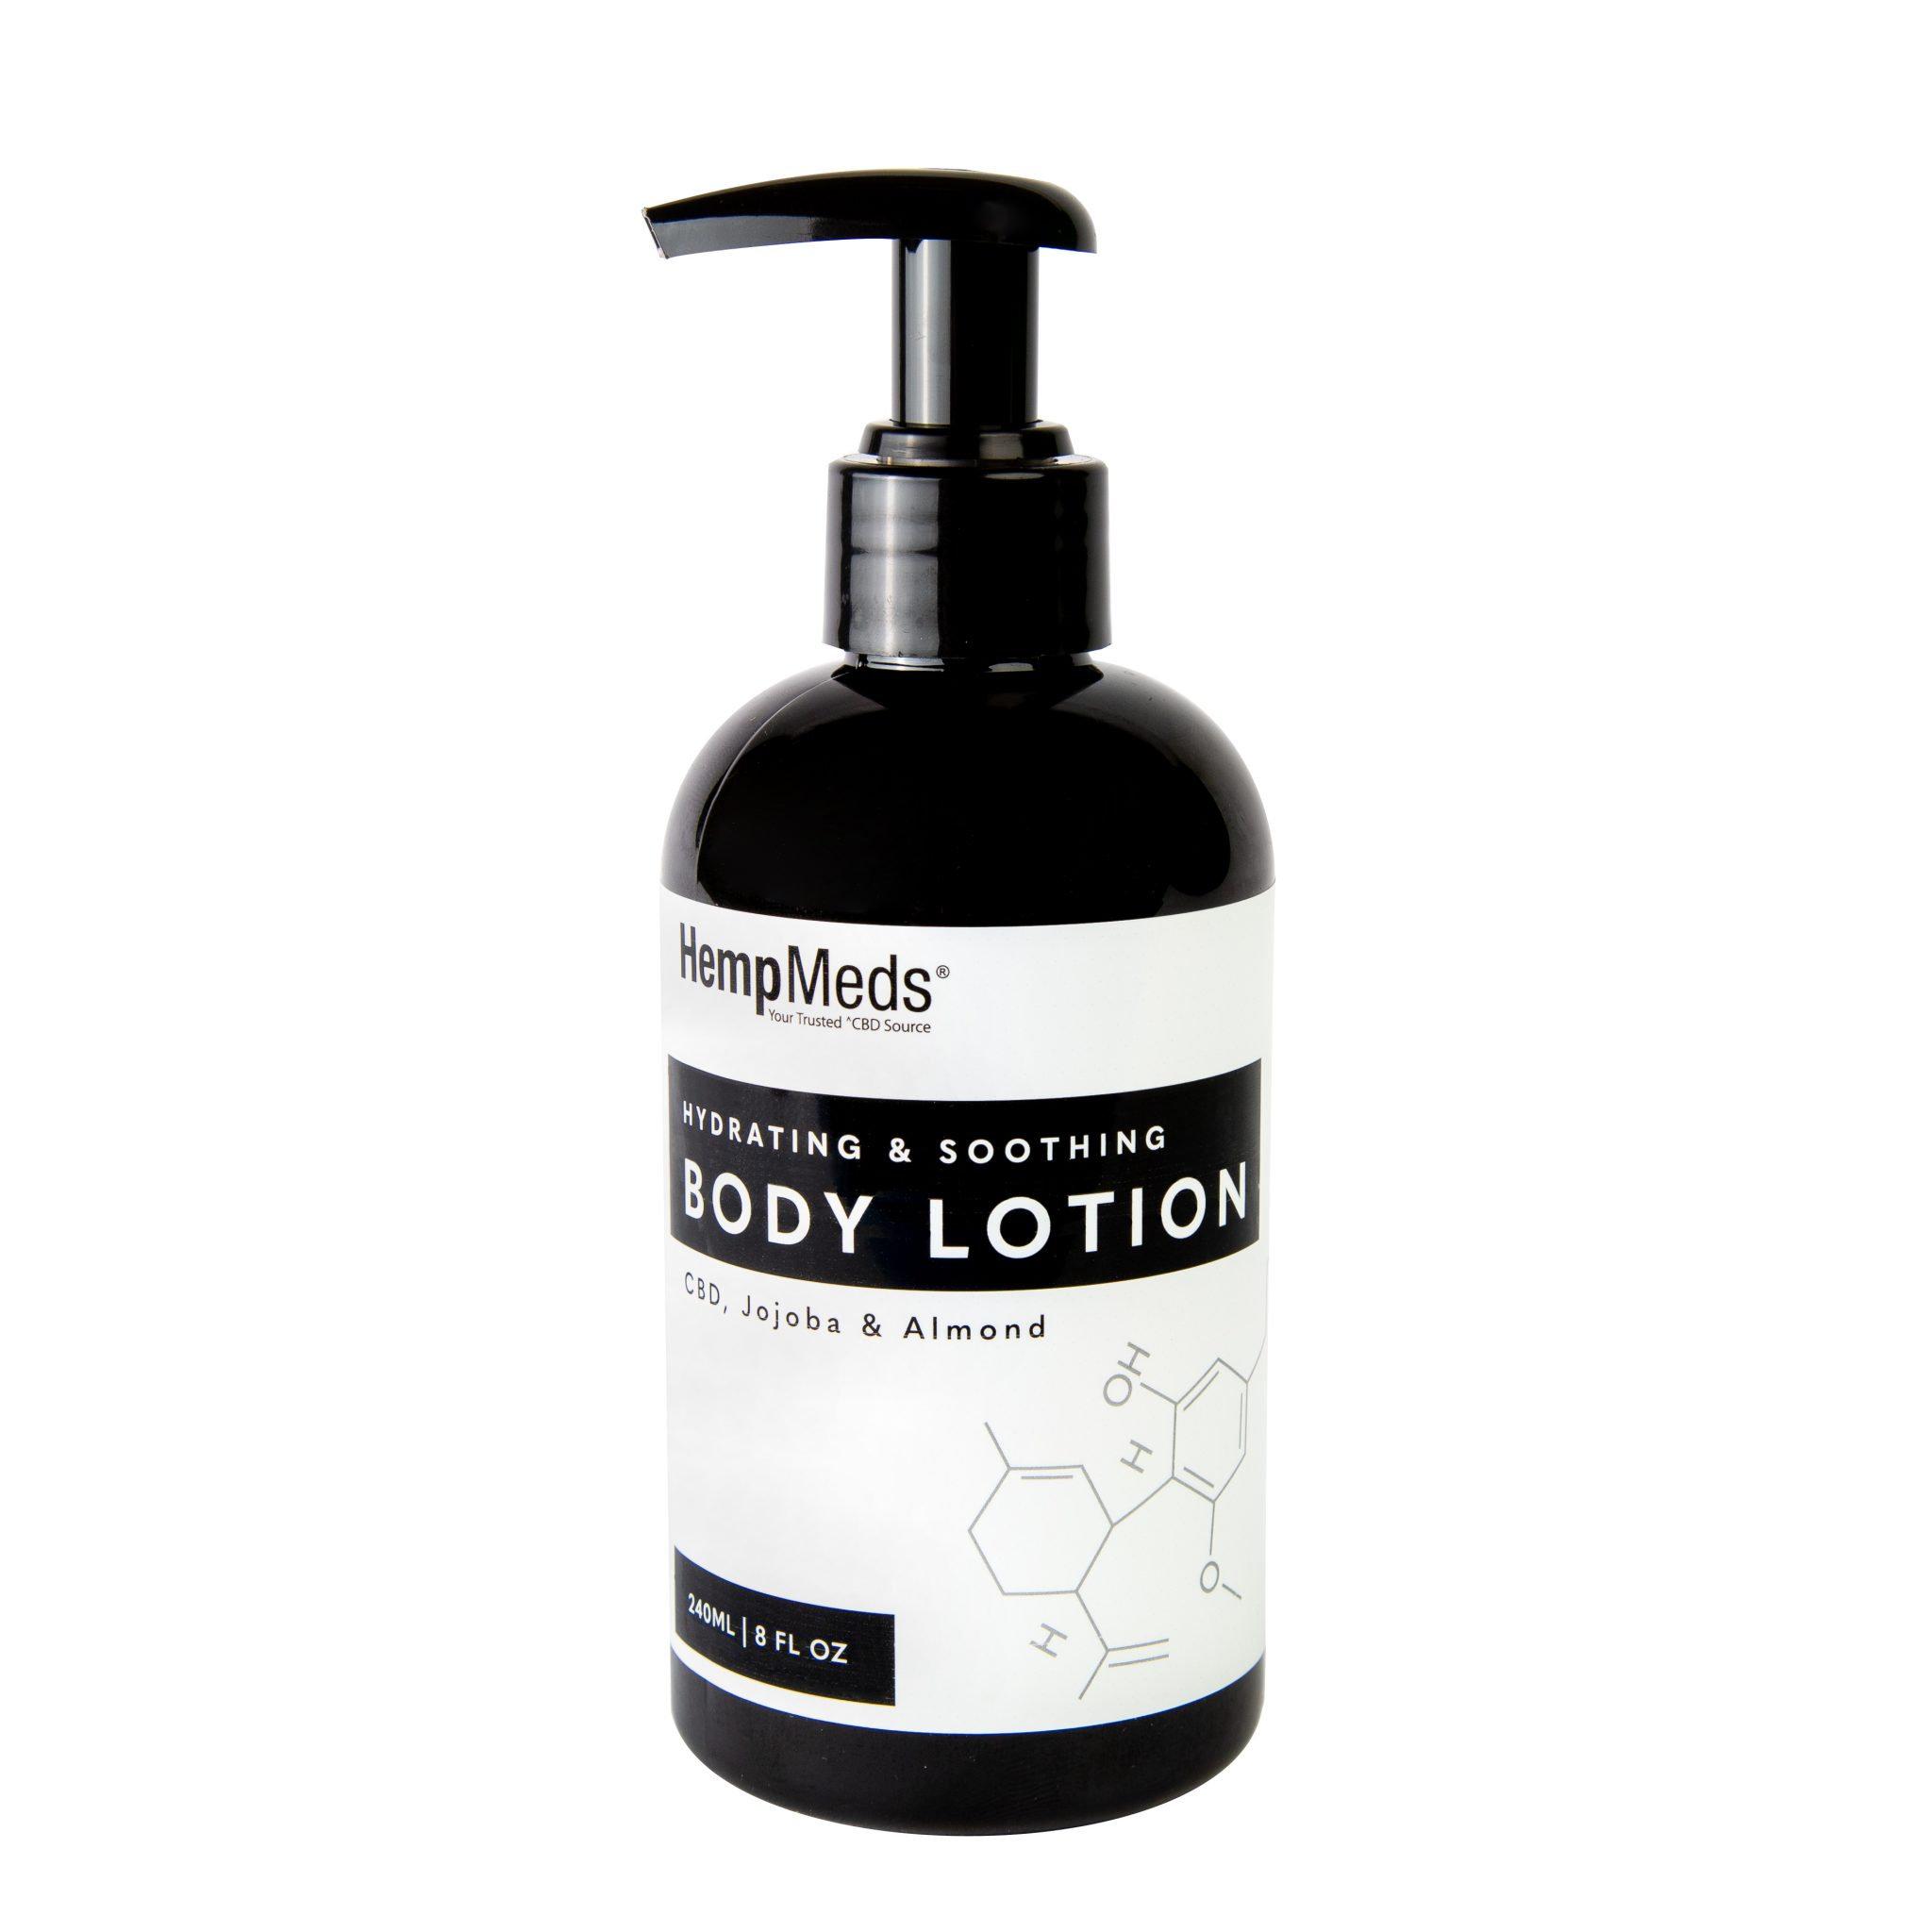 HEMP MEDS - CBD Hydrating & Shoothing Body Lotion 8oz | Cali Cannabis  Marketplace